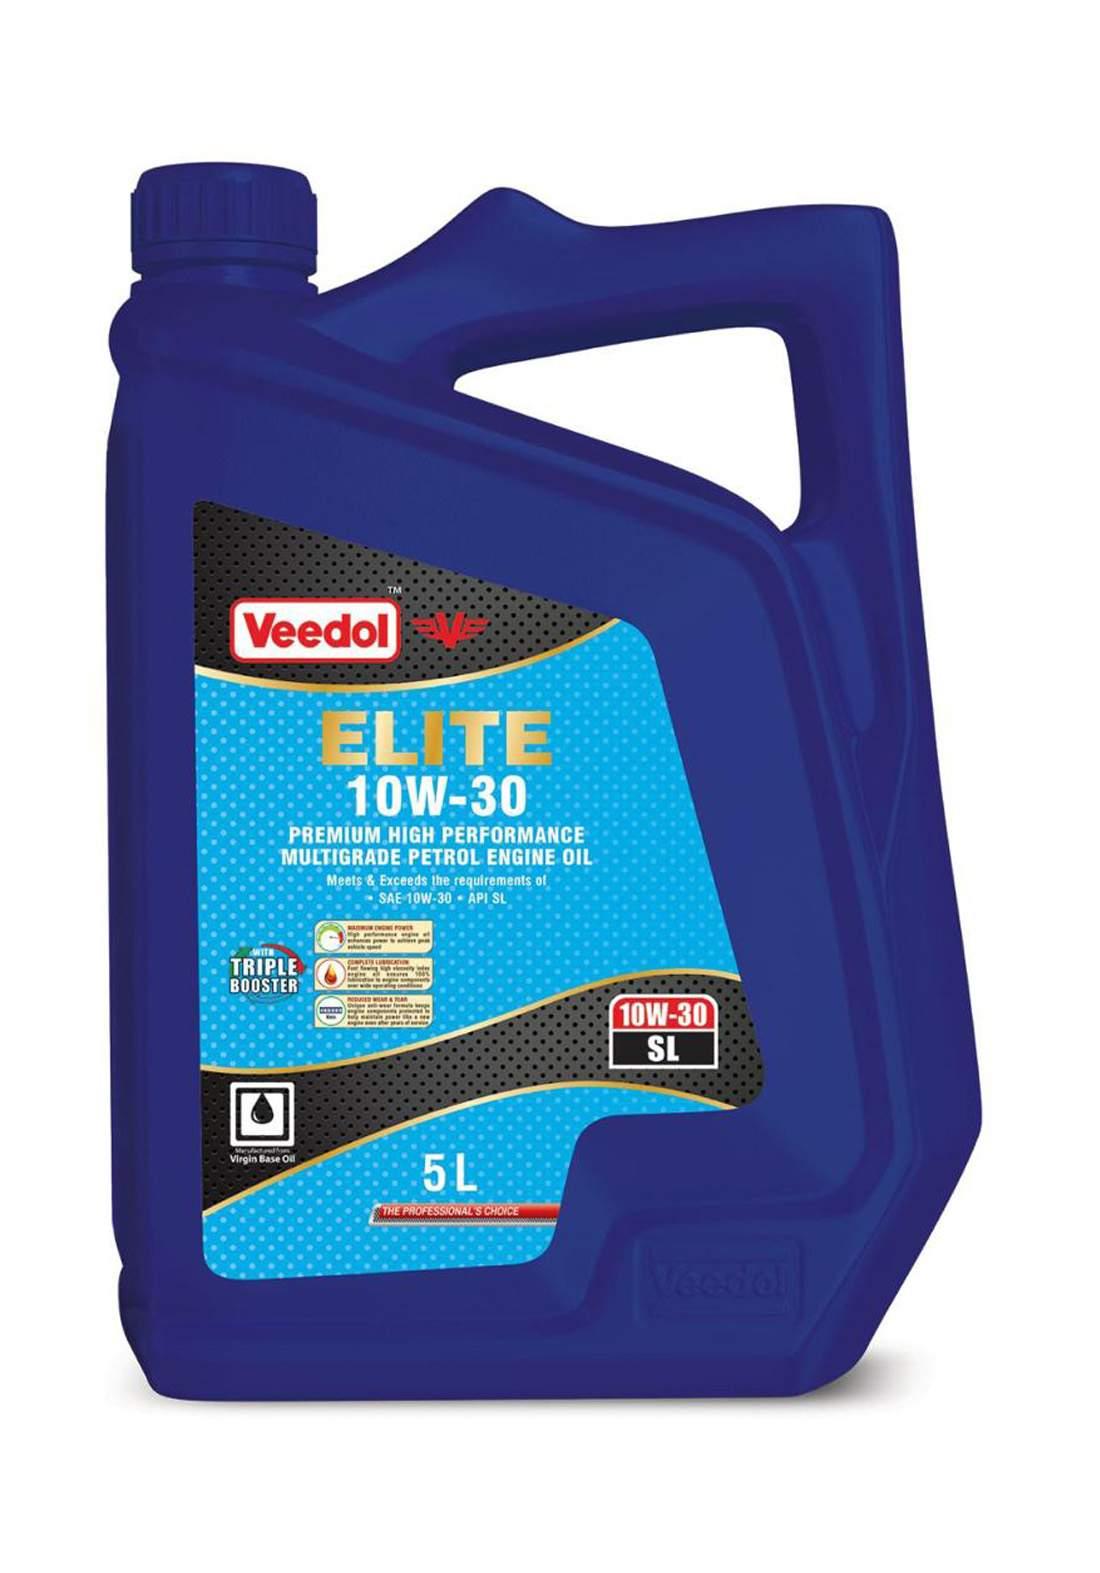 Veedol Elite 71104U29P00 10W-30 Engine Oil 5 L زيت محرك السيارة